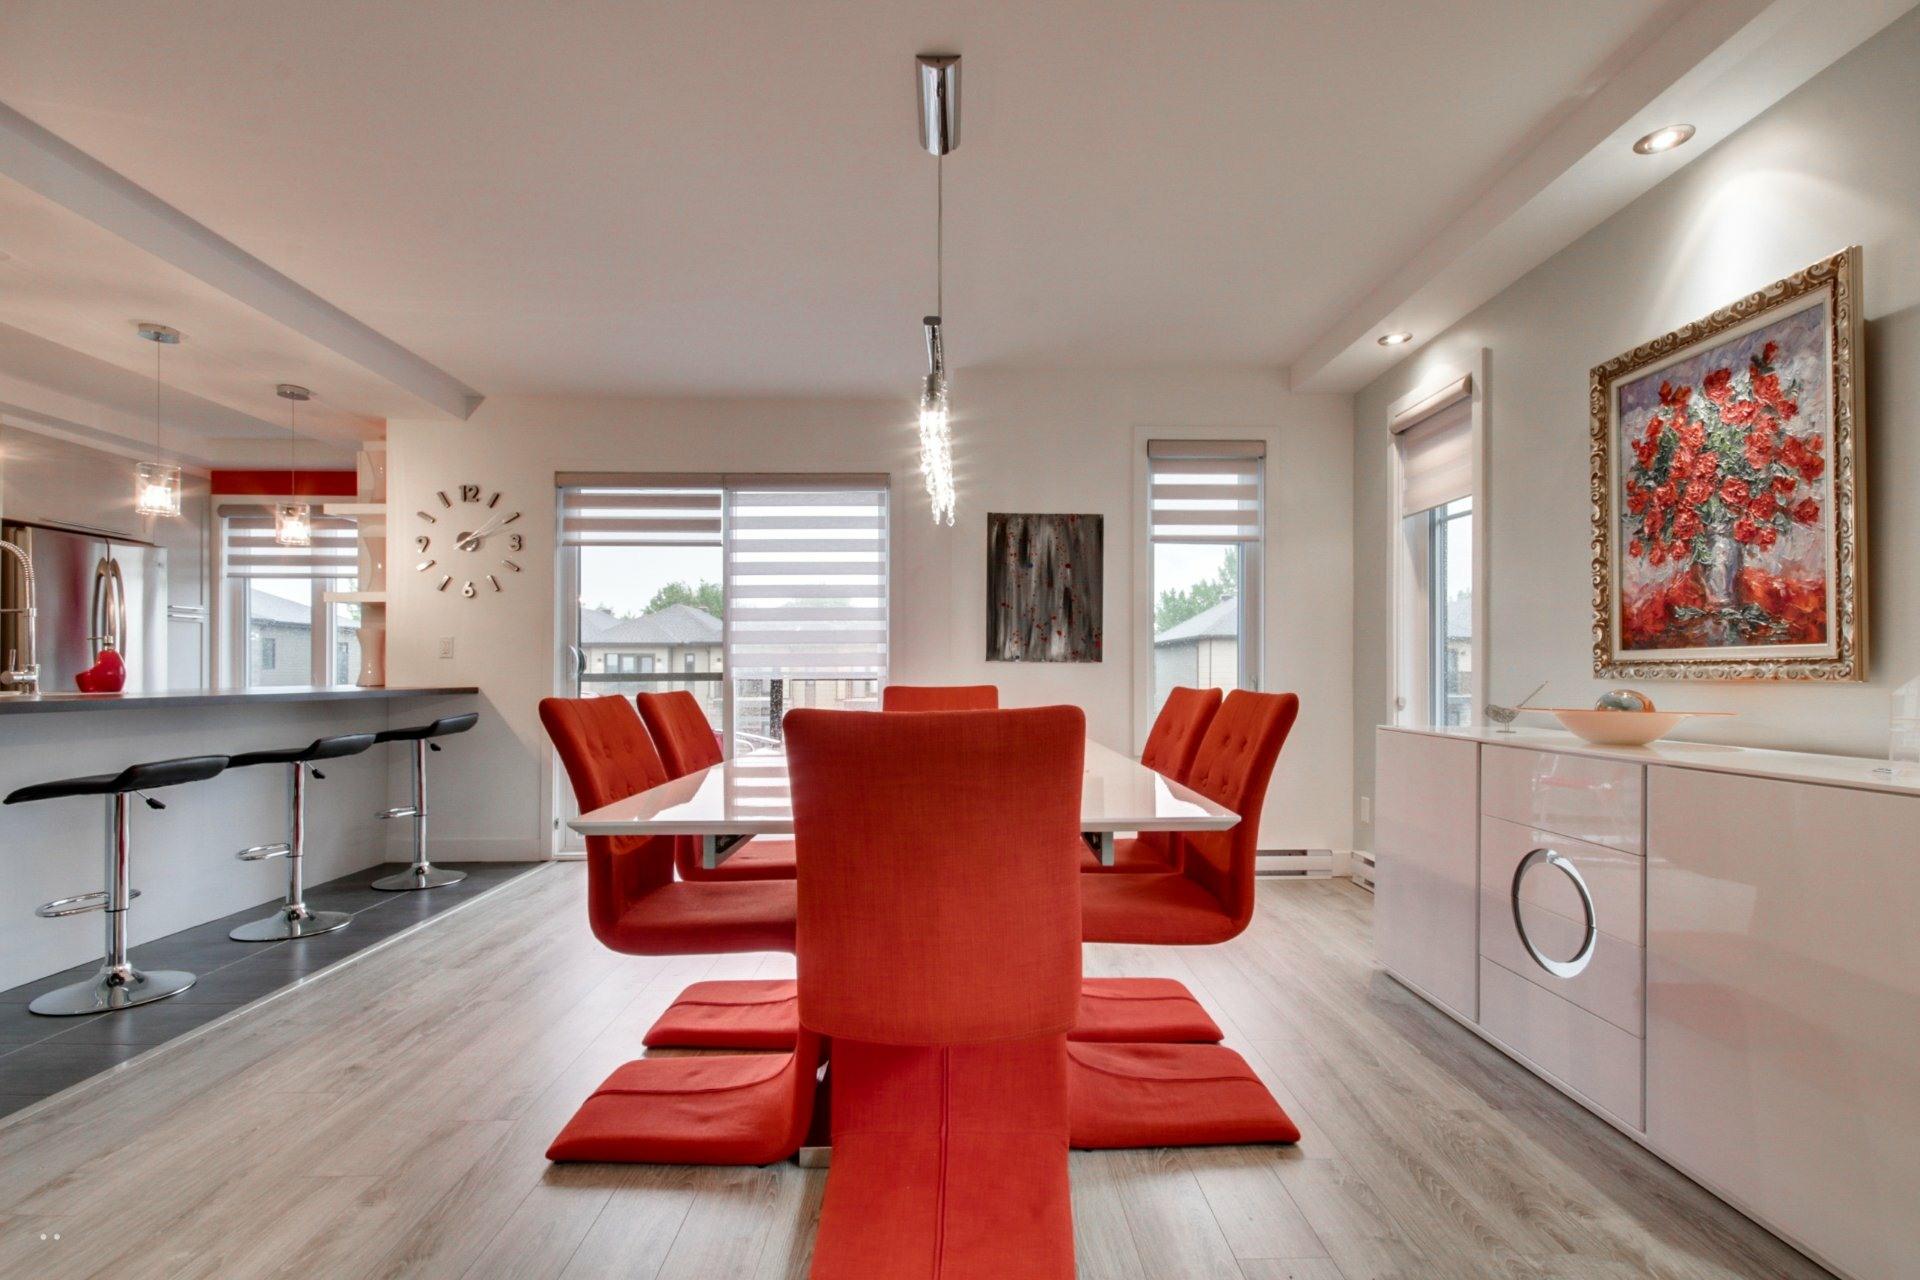 image 25 - Appartement À vendre Trois-Rivières - 7 pièces